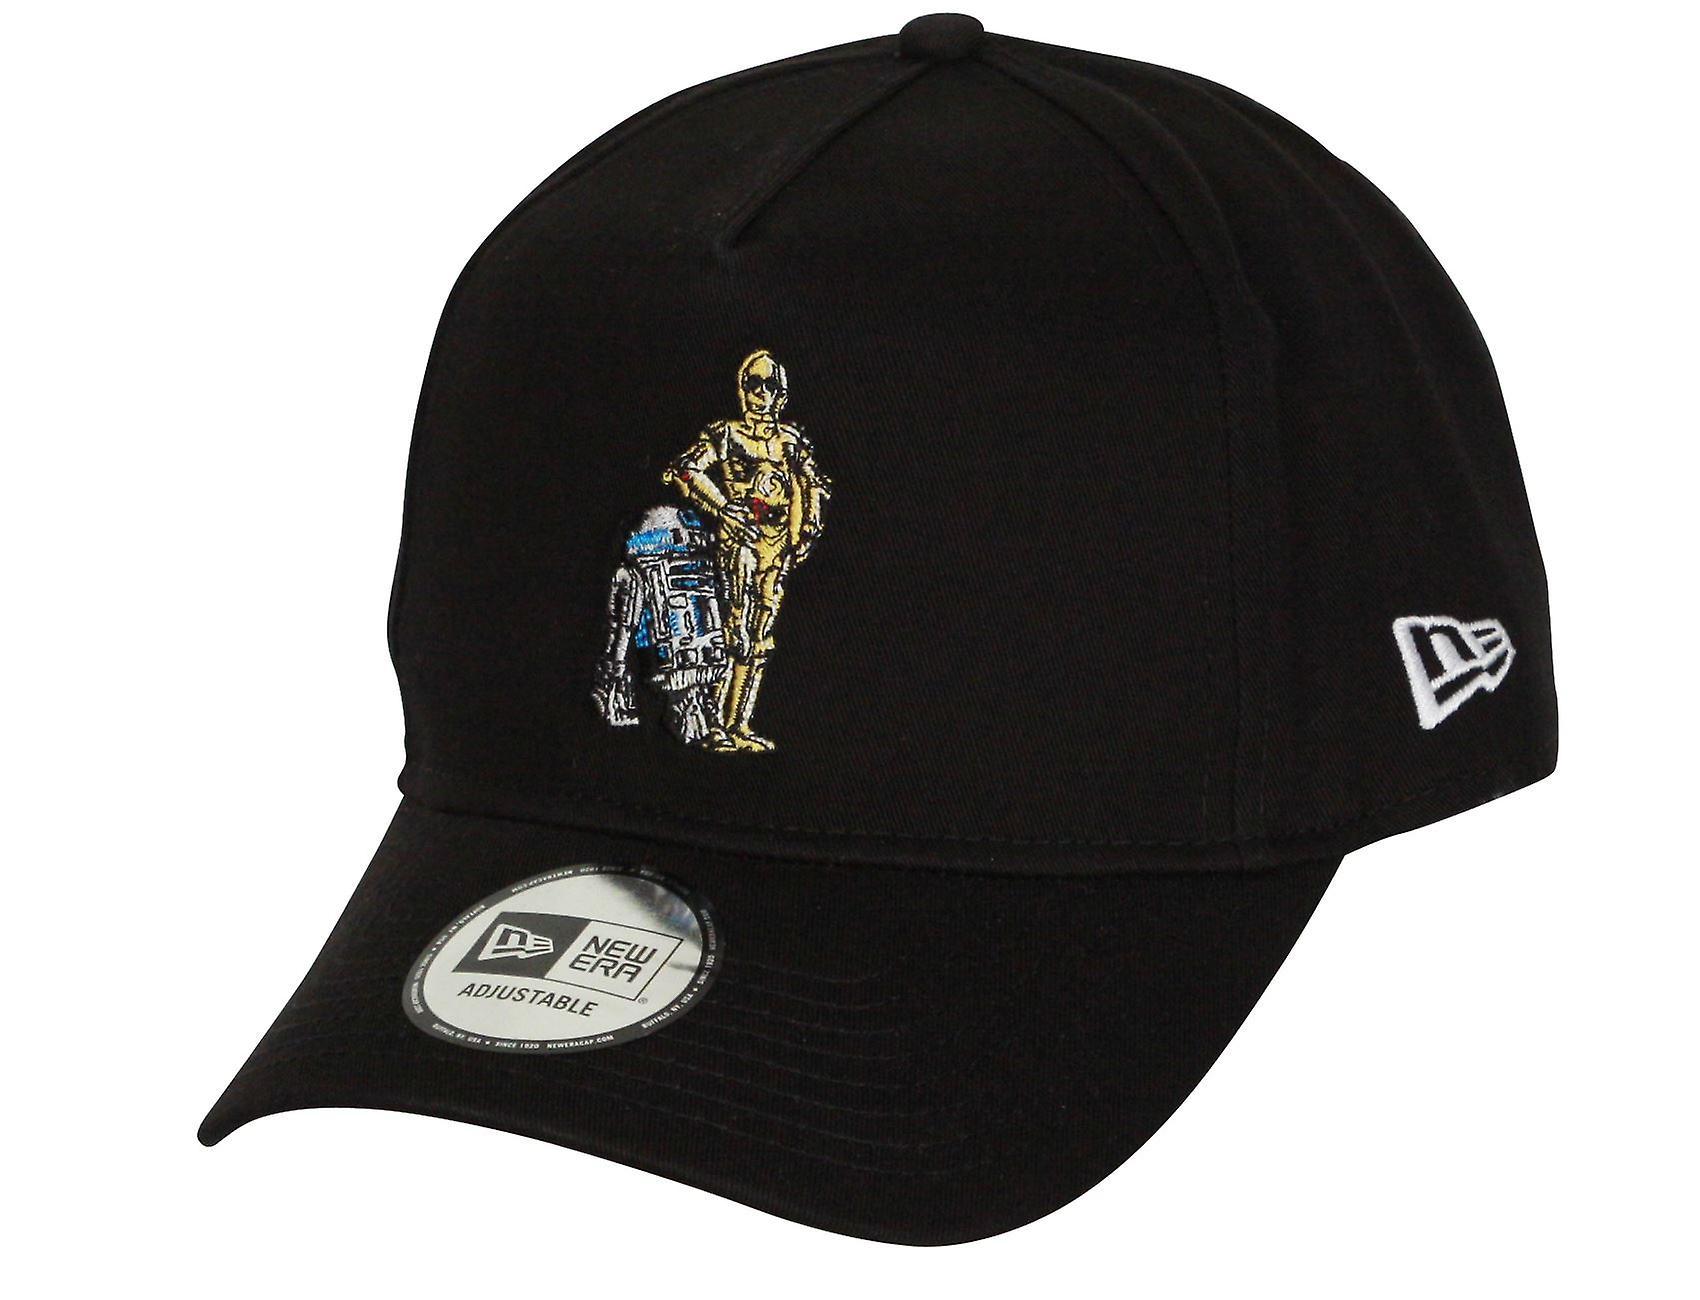 483ff50d89039 New Era and Star Wars Adjustable Cap ~ Droids | Fruugo